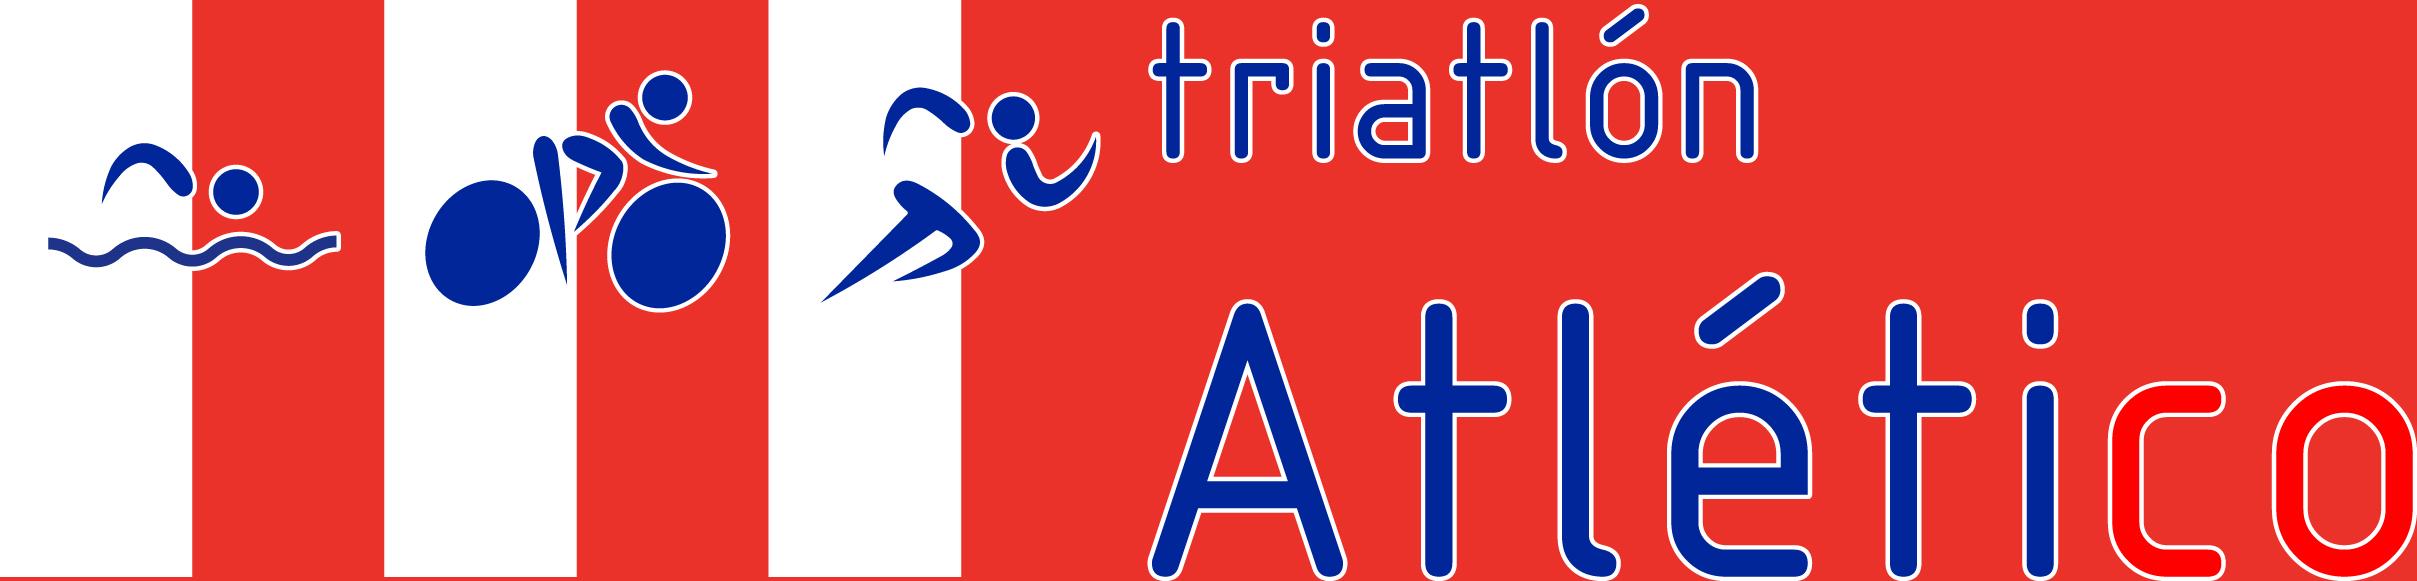 Triatln Atltico 2018-CON BORDE PARA FONDO ROJO-02jpg